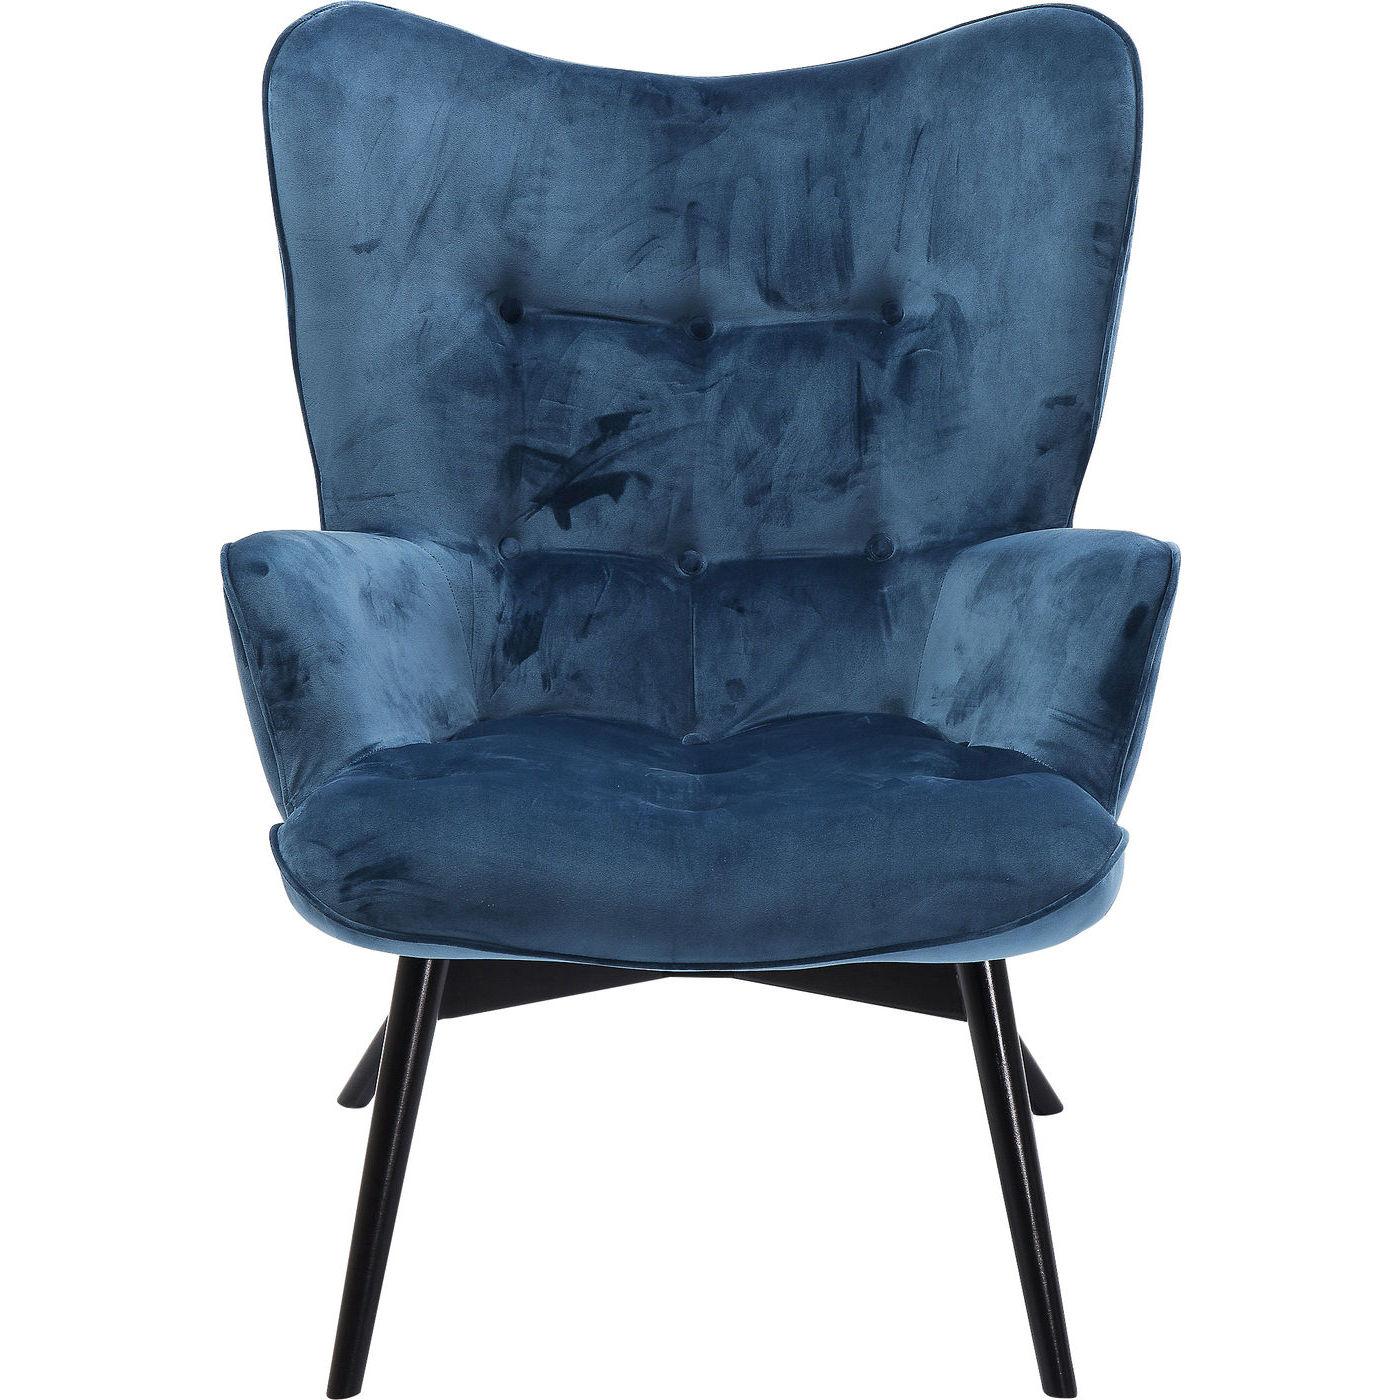 kare design Kare design black vicky velvet bluegreen lænestol - blåt/grønt stof og sort bøg, m. armlæn på boboonline.dk